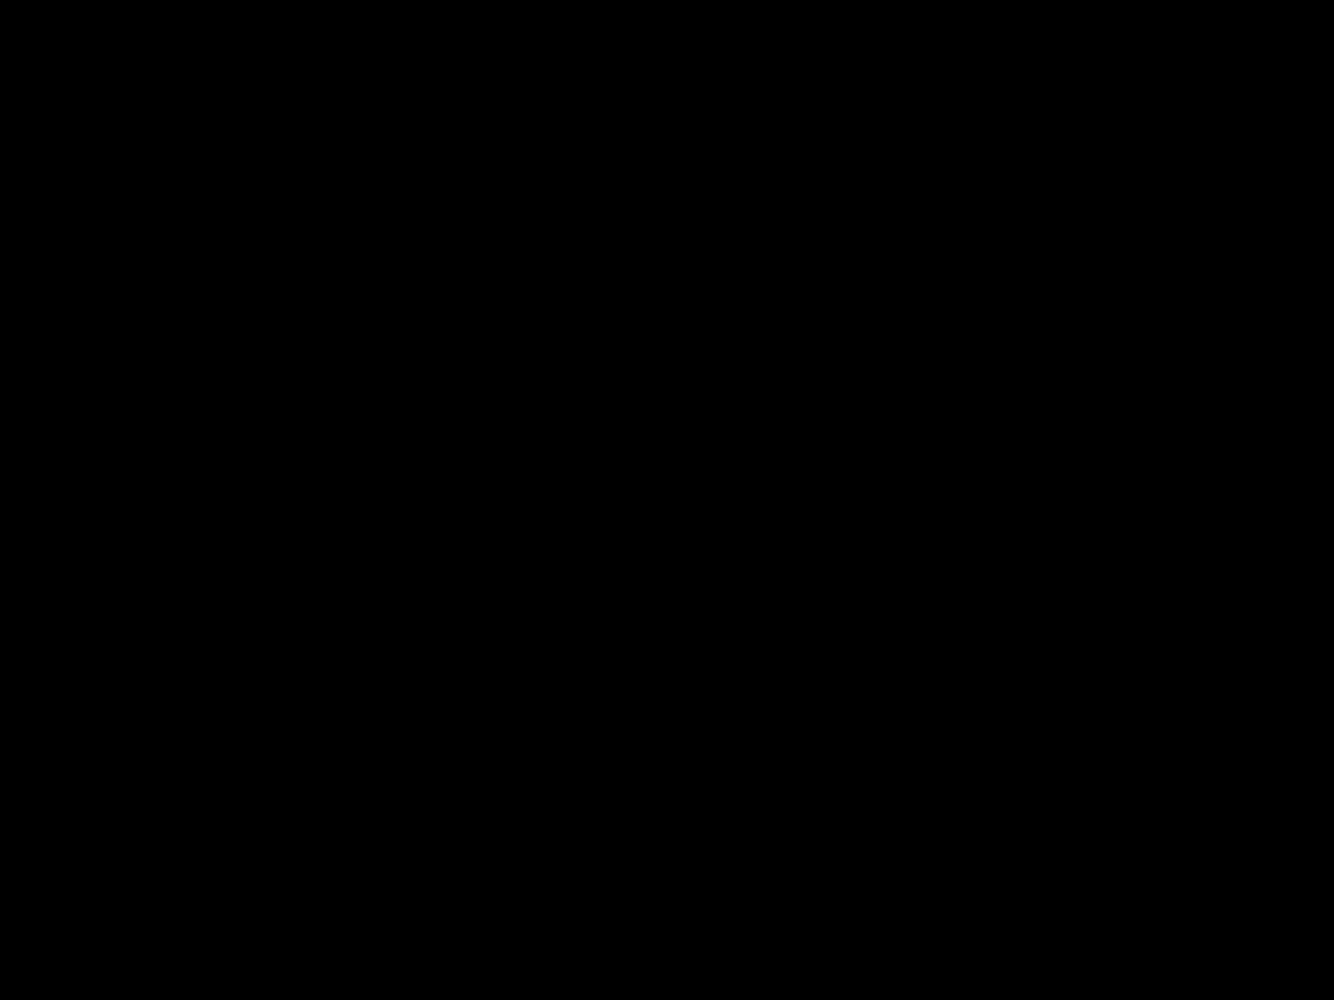 Fjörgyn í vikunni: Grafarvogsleikameistarar og fleira gaman